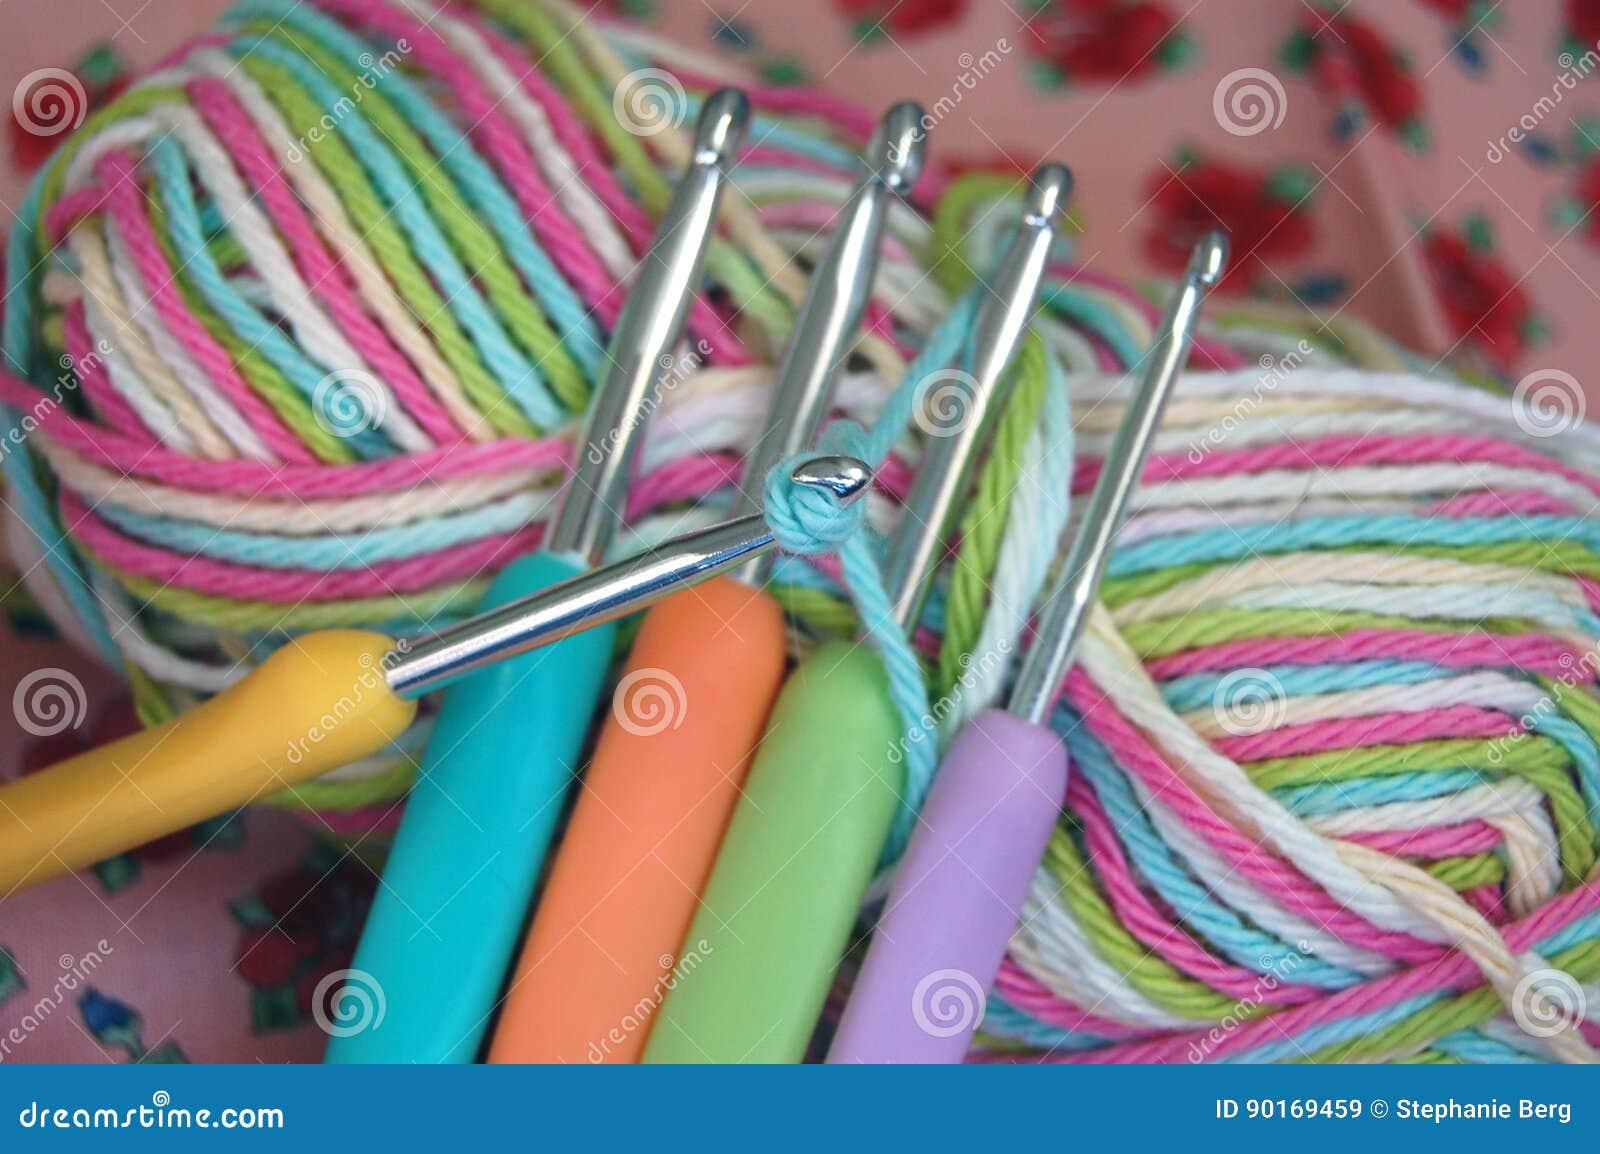 Crochets de crochet